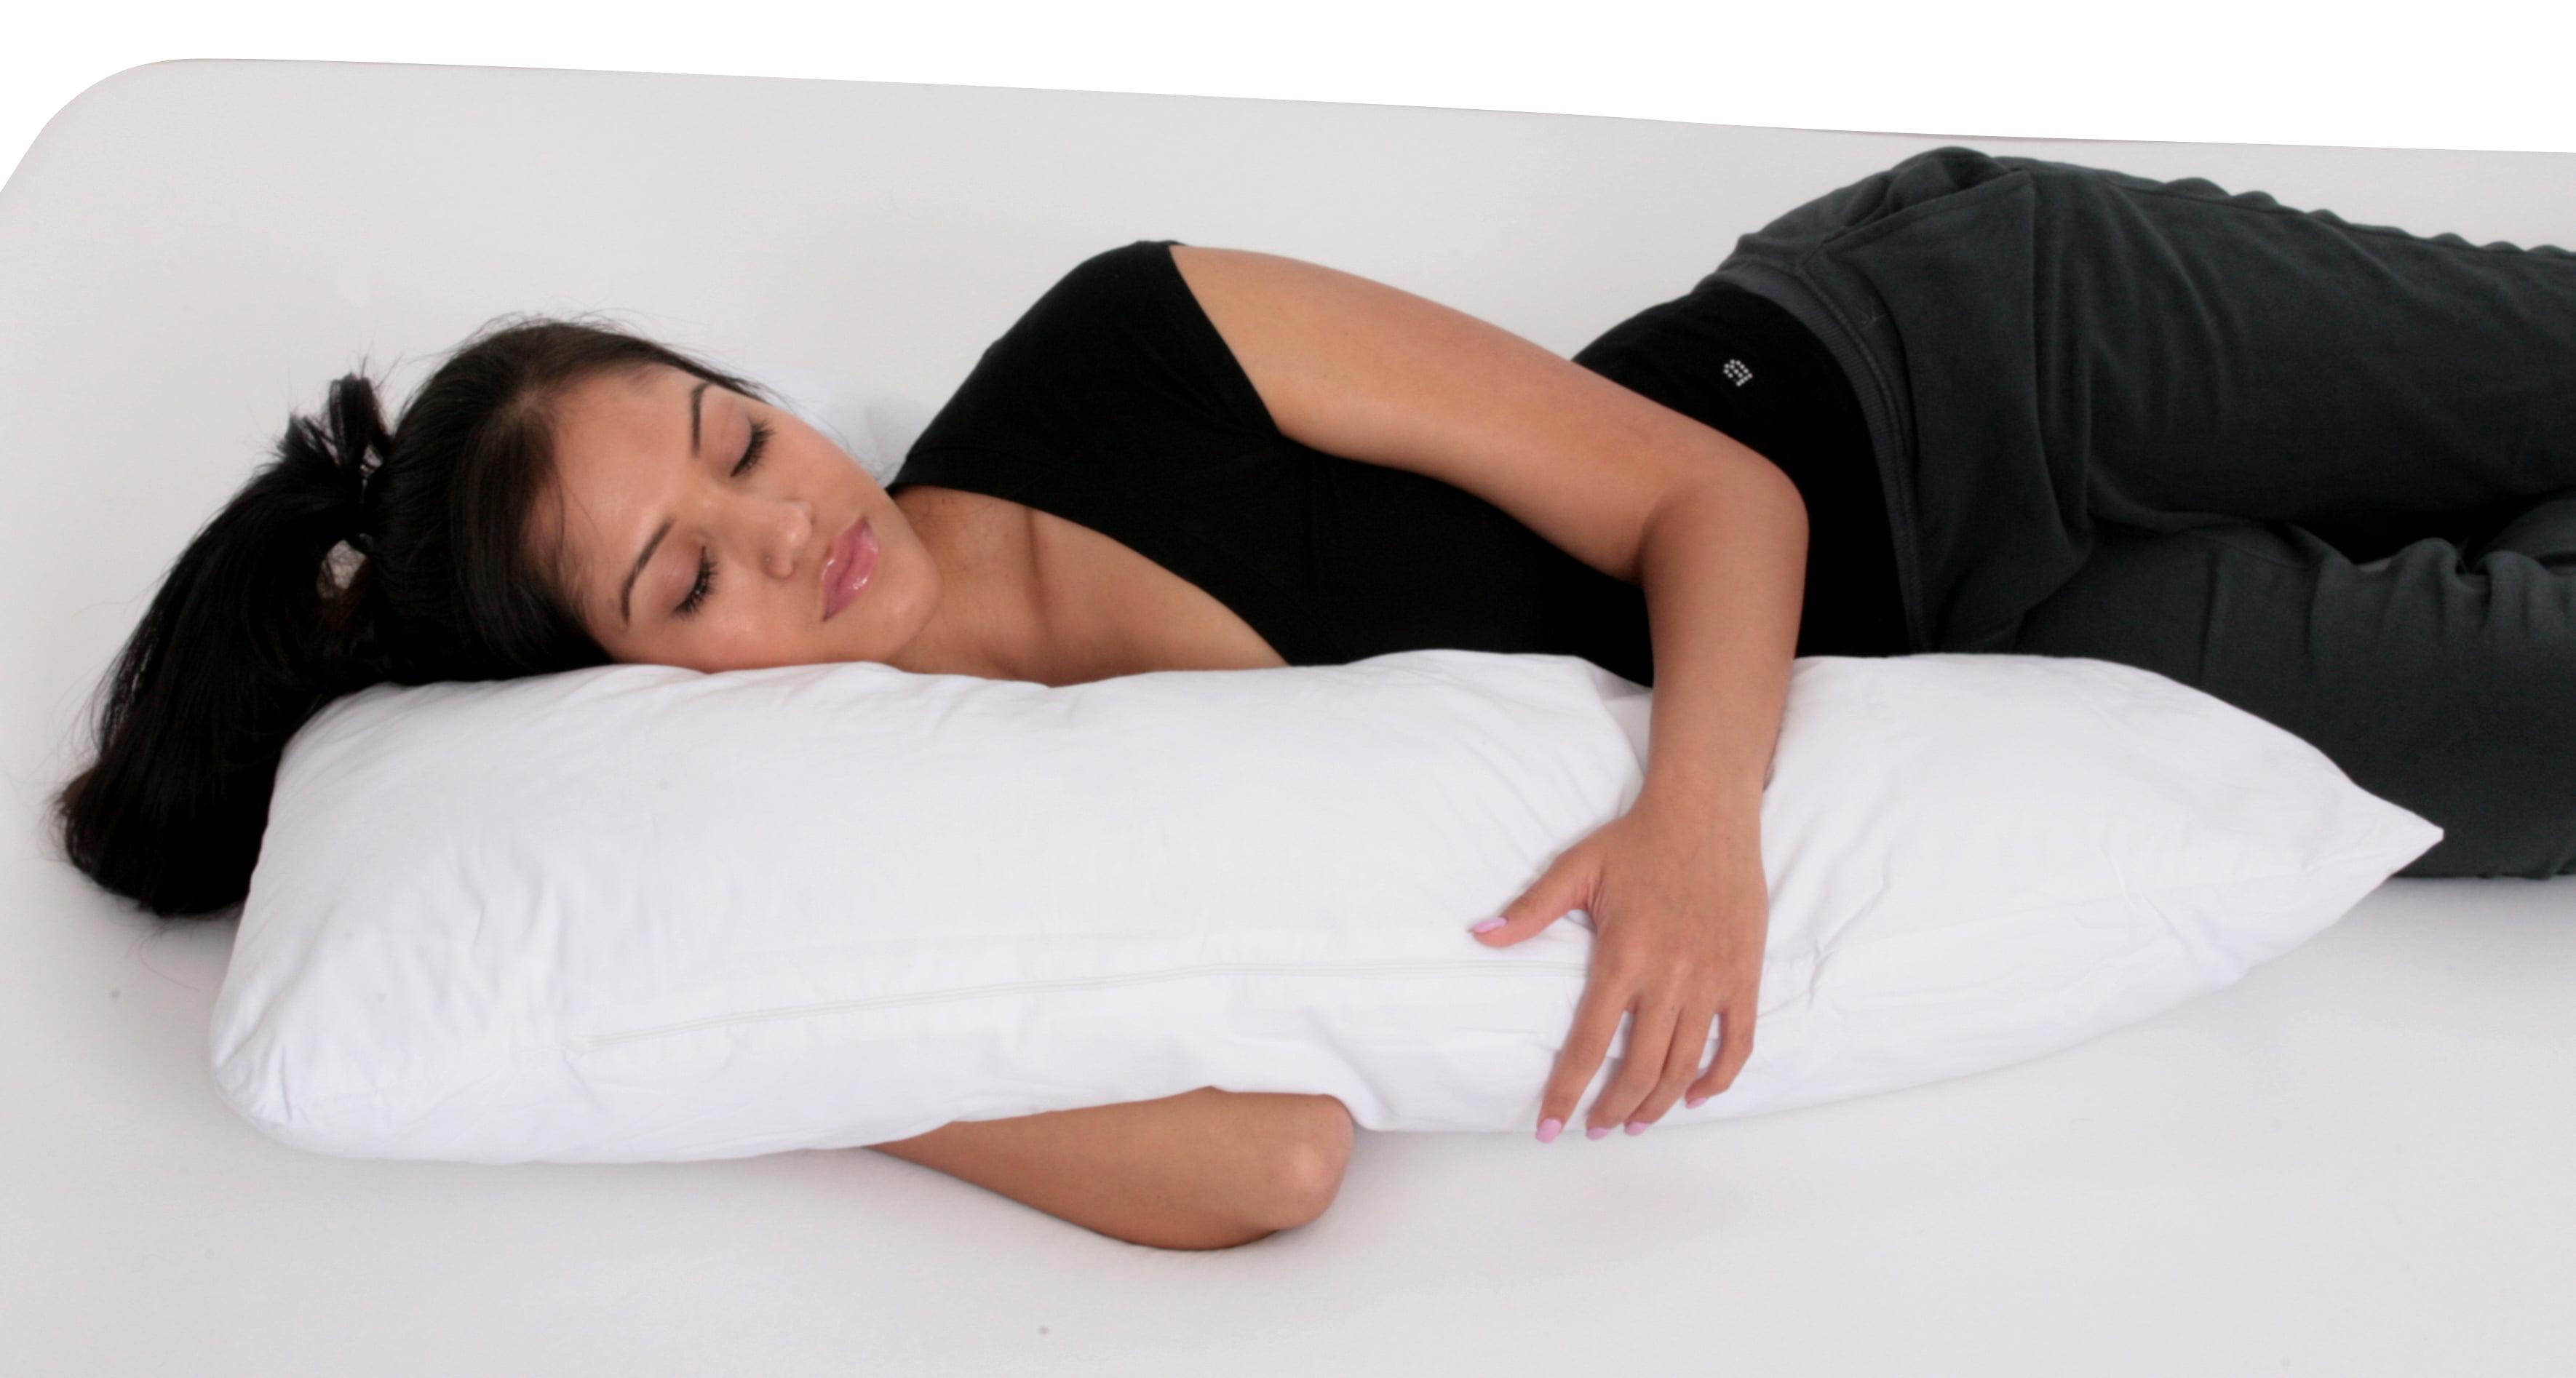 Deluxe Comfort Sleeper Body Cotton Bed Rest Pillow Walmartcom